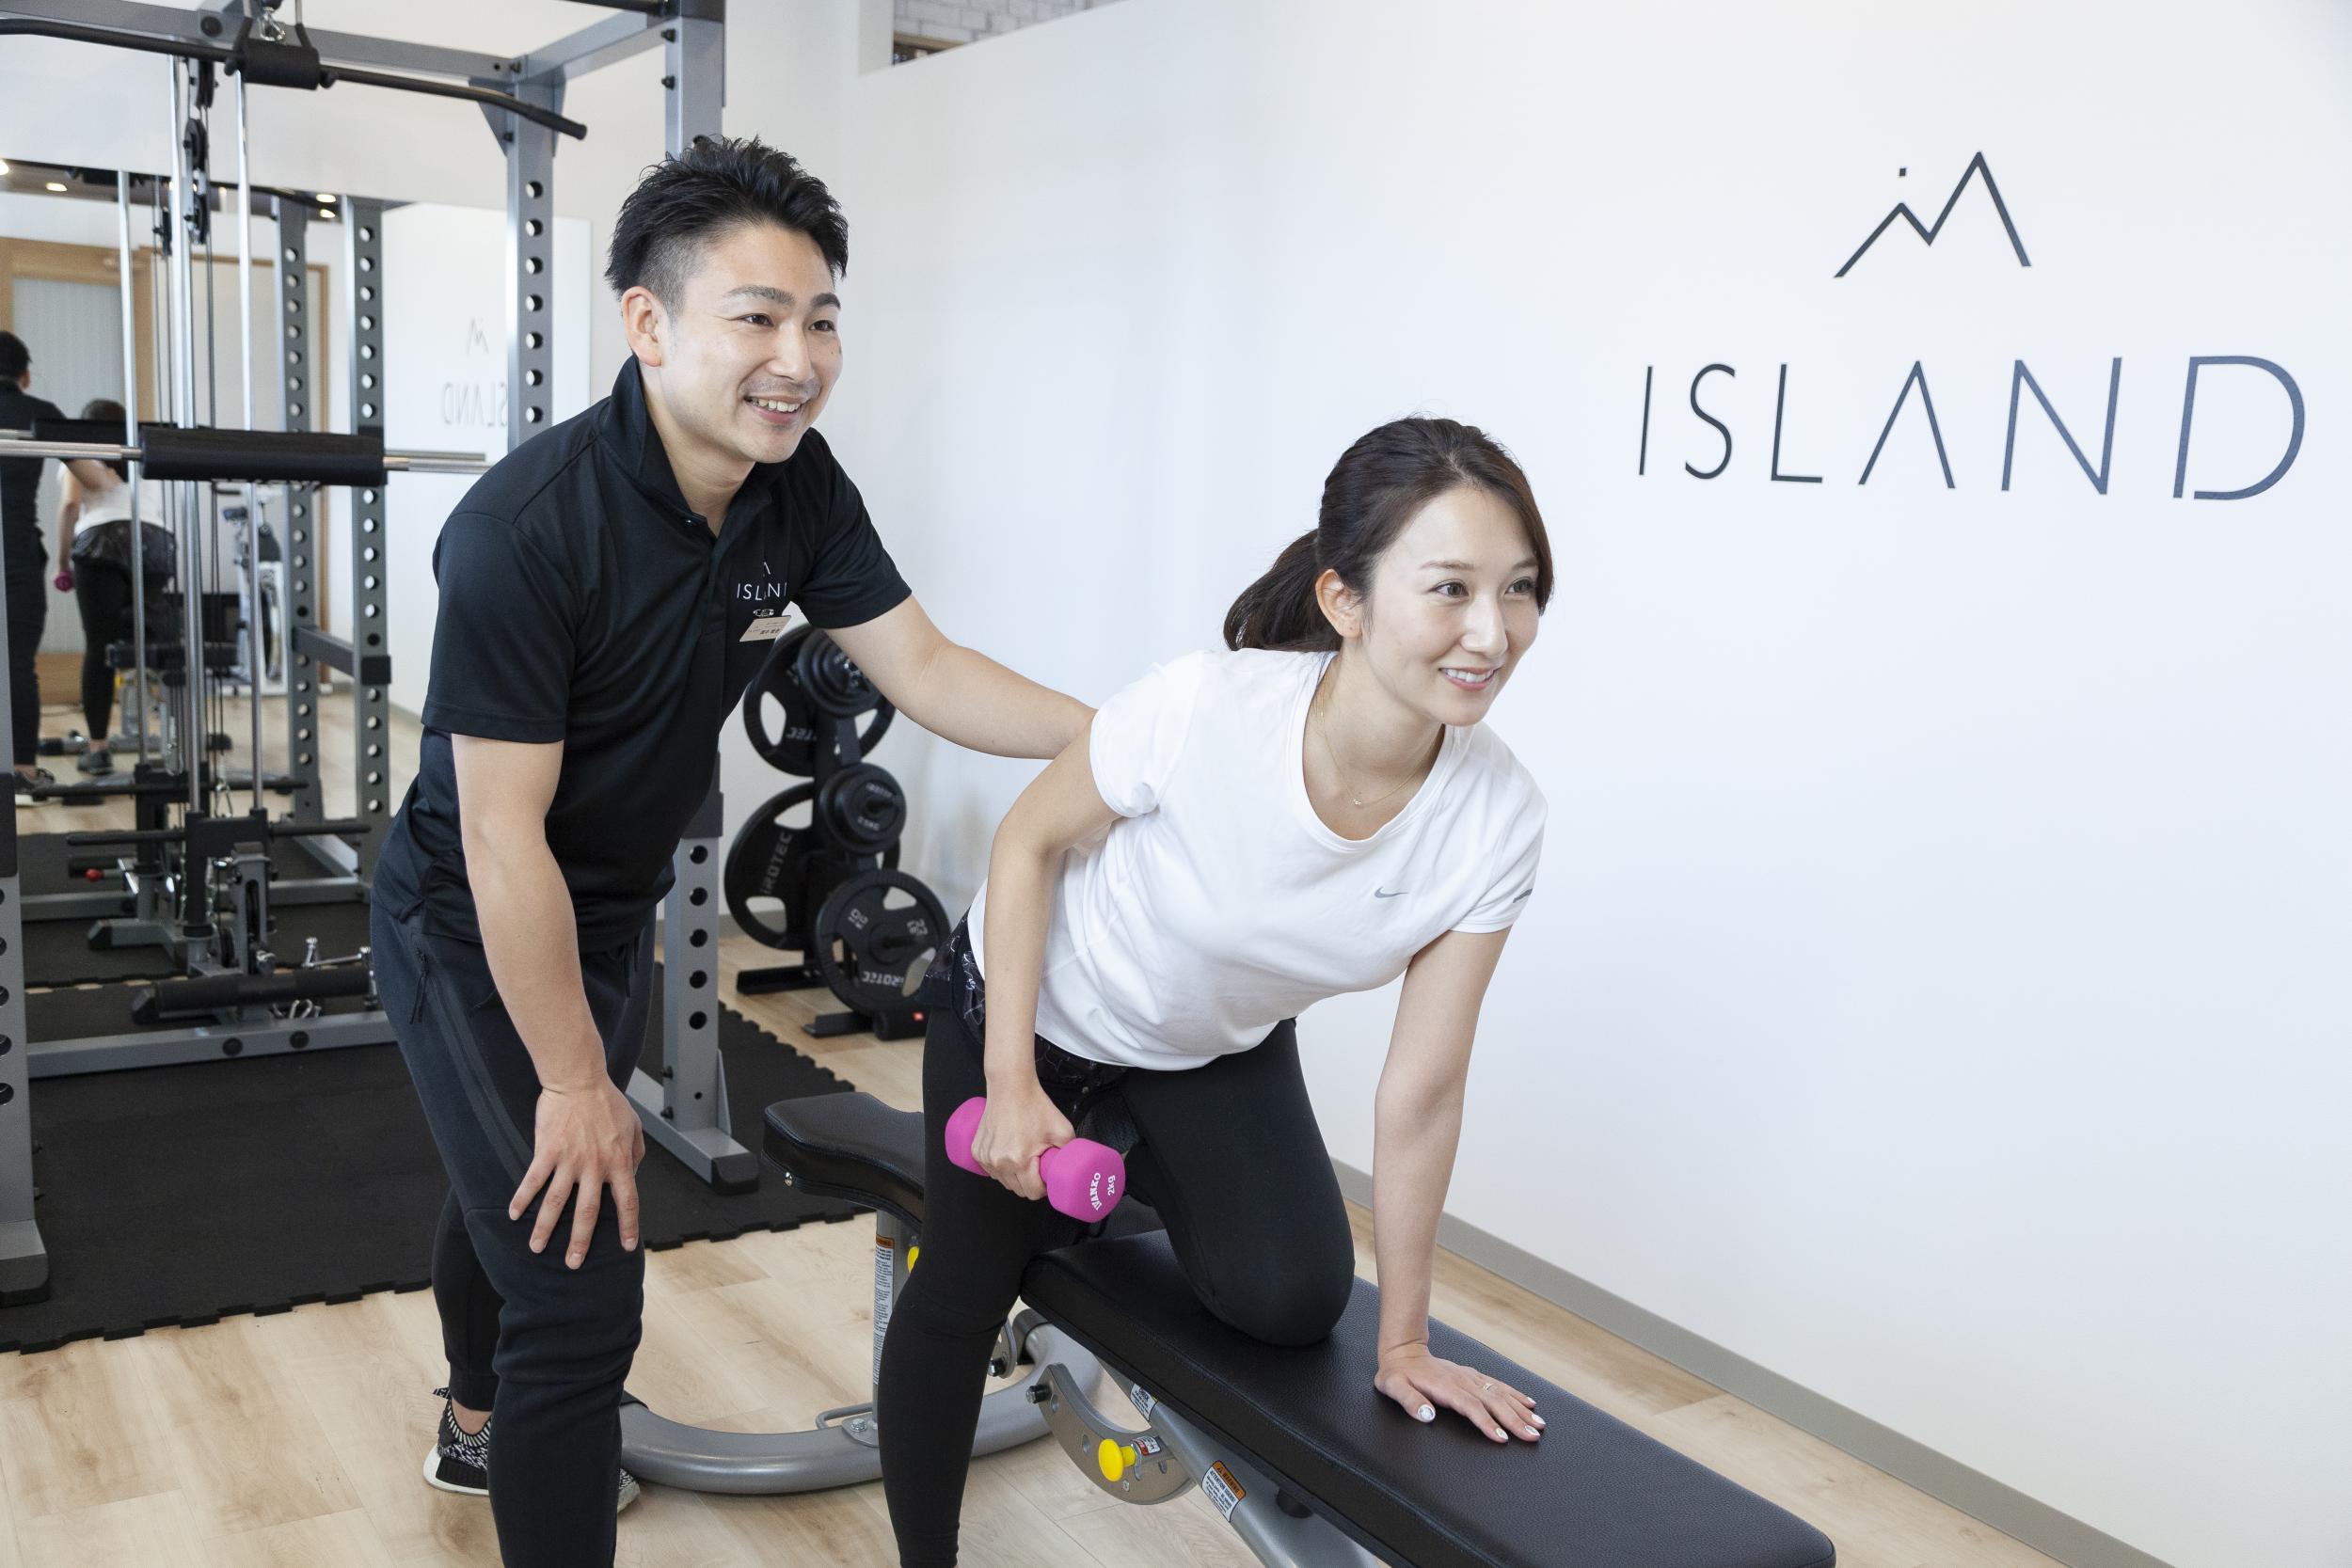 新潟パーソナルトレーニングジム ISLAND(アイランド) へのアクセスは歩くのが良い?